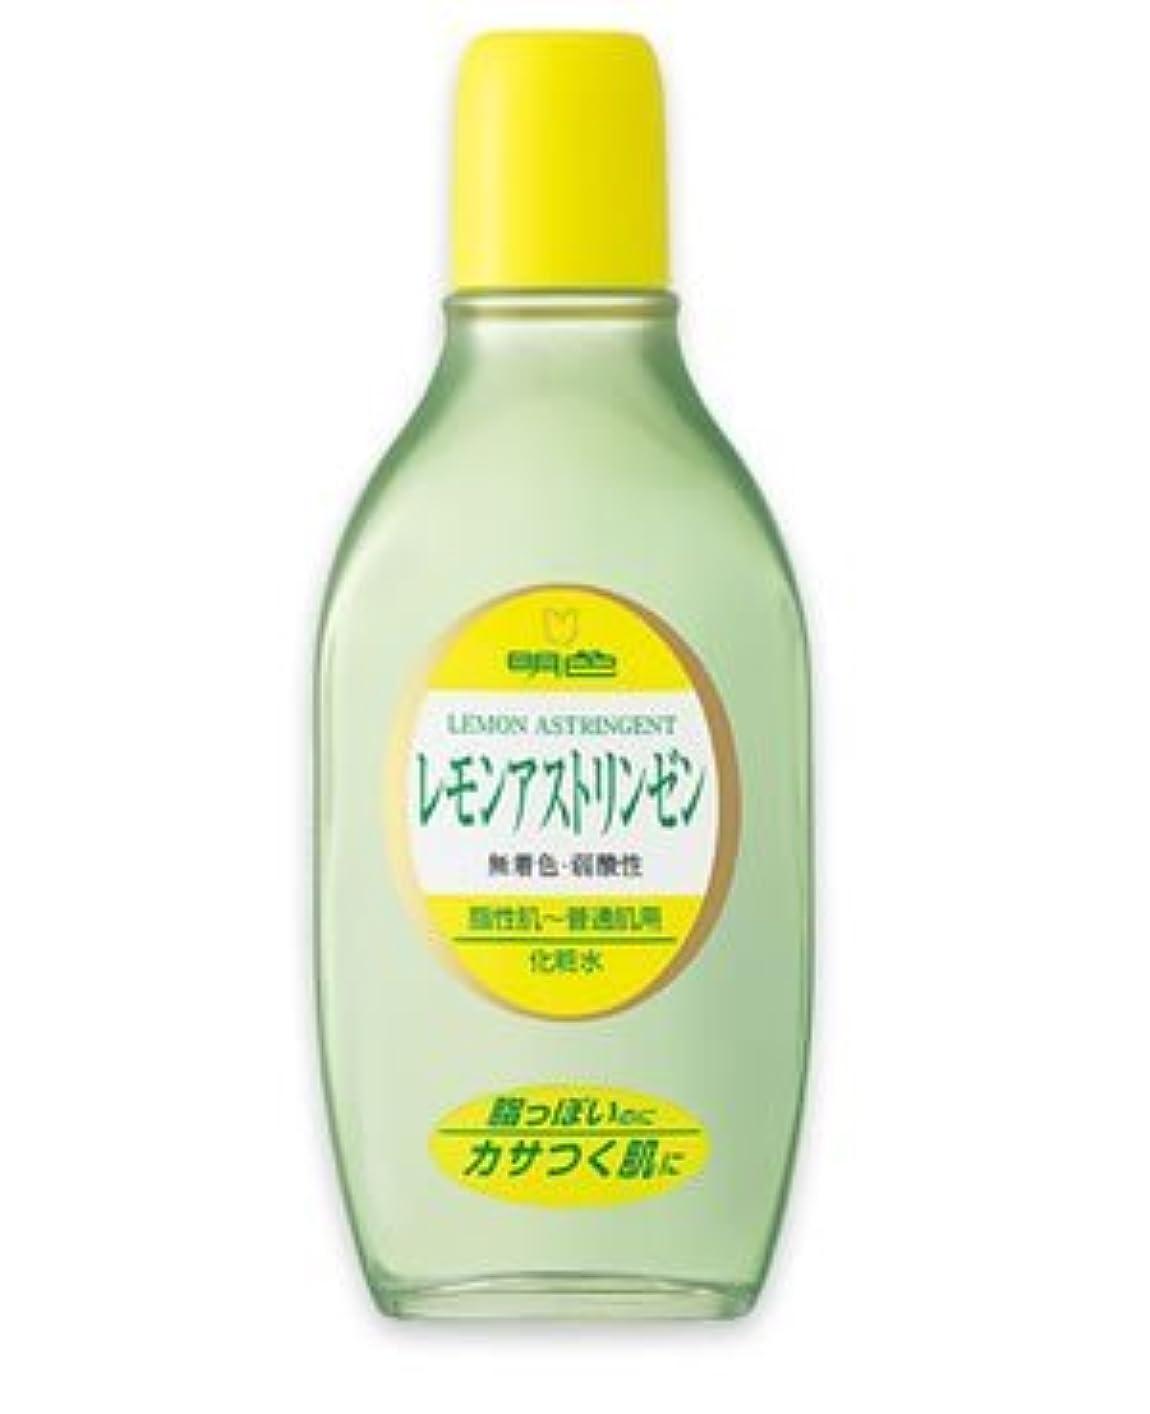 ミシン目腰代名詞(明色)レモンアストリンゼン 170ml(お買い得3本セット)